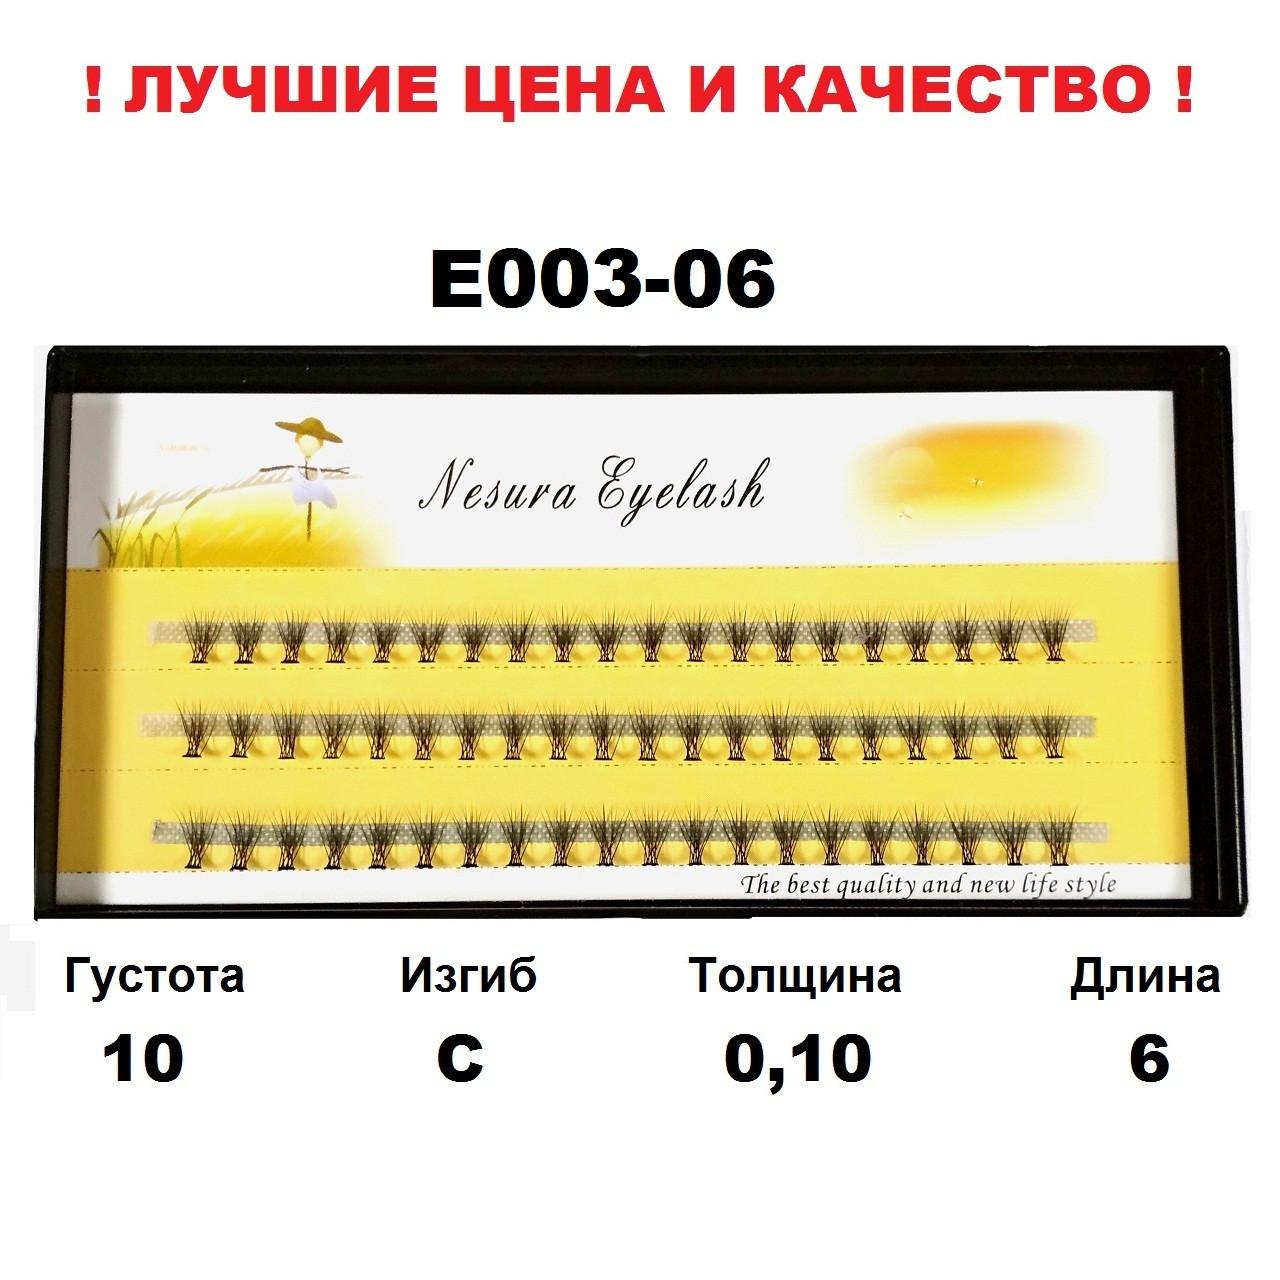 Ресницы Nesura 10D, 6-15 мм, изгиб С, 0,10, 60 пучков 6